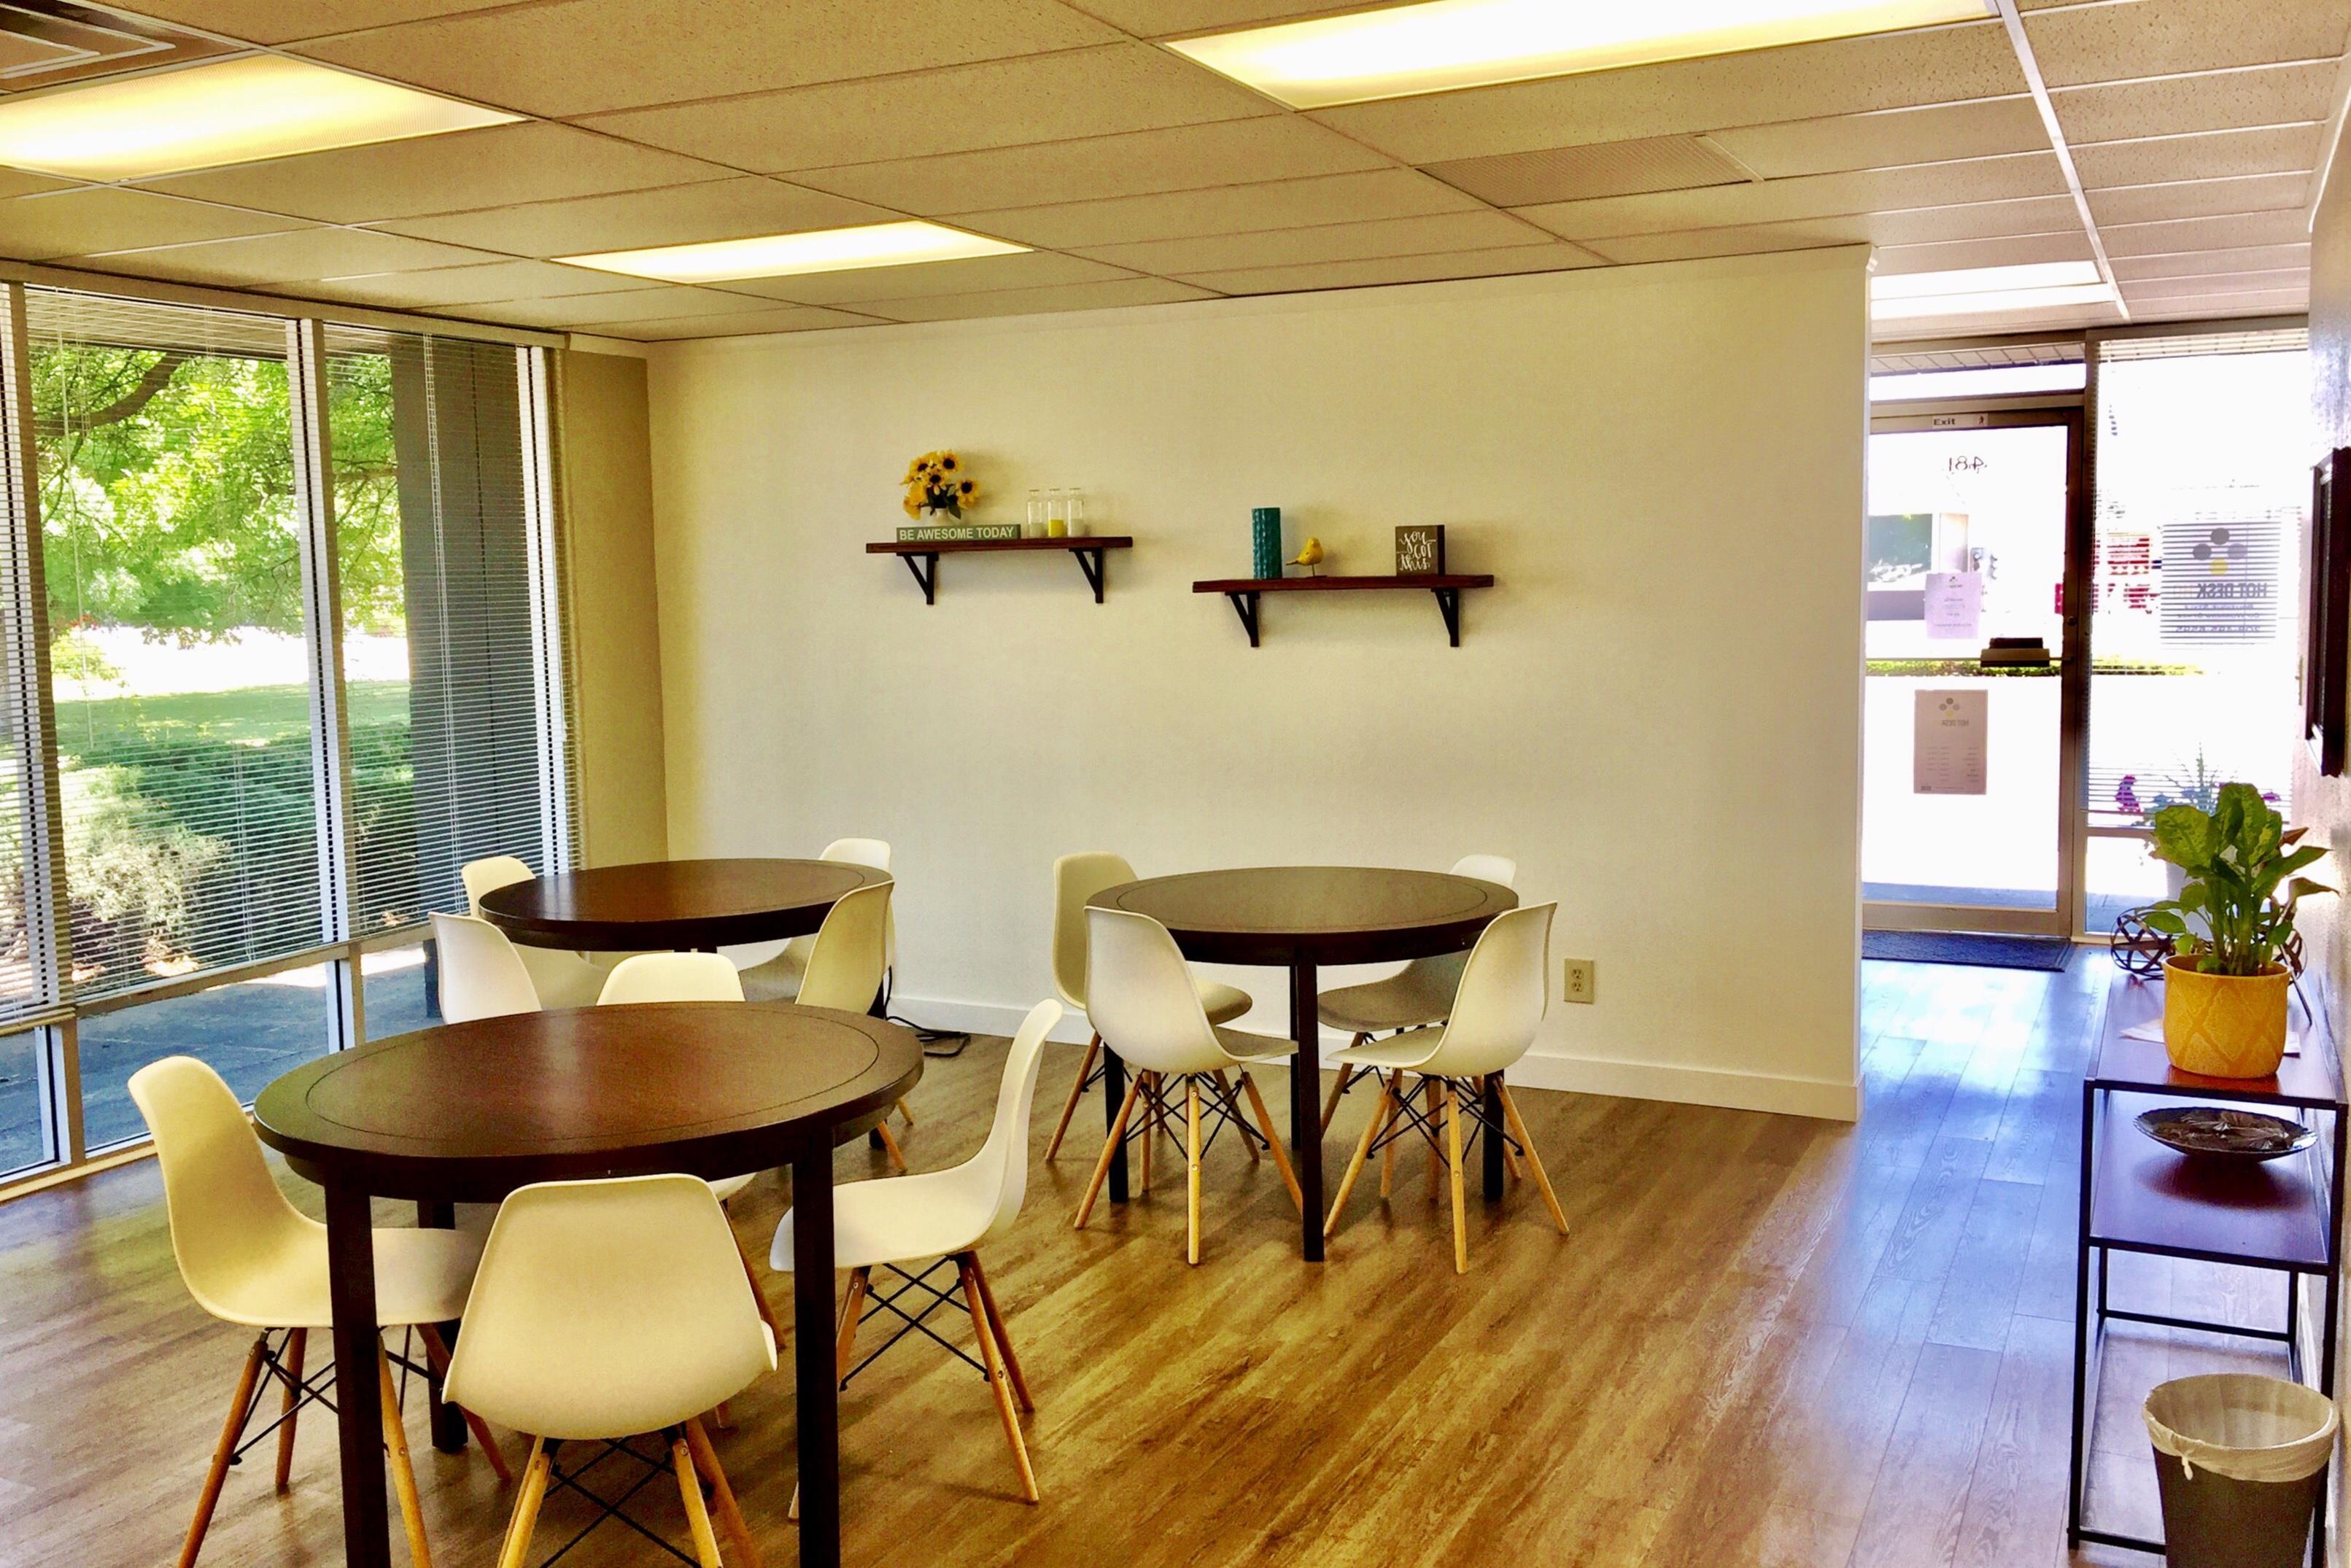 Hot Desk HQ - Dedicated Desk